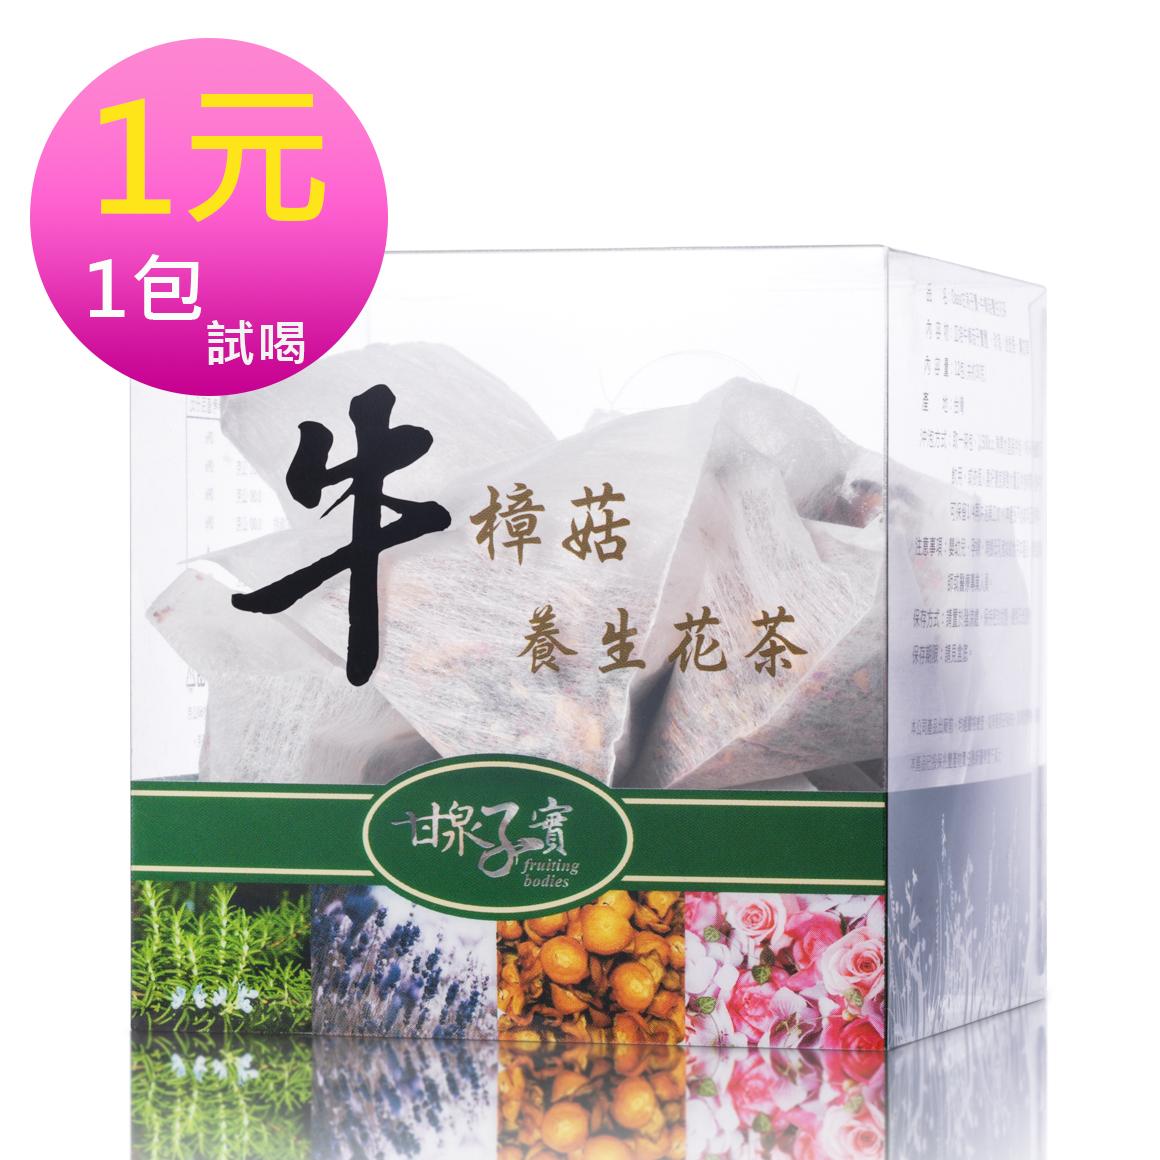 【1元試飲 】牛樟菇養生花茶∣是您冬天保養的首選∣舒壓∣養顏美容|養生茶|下午茶|美顏茶|牛樟茶